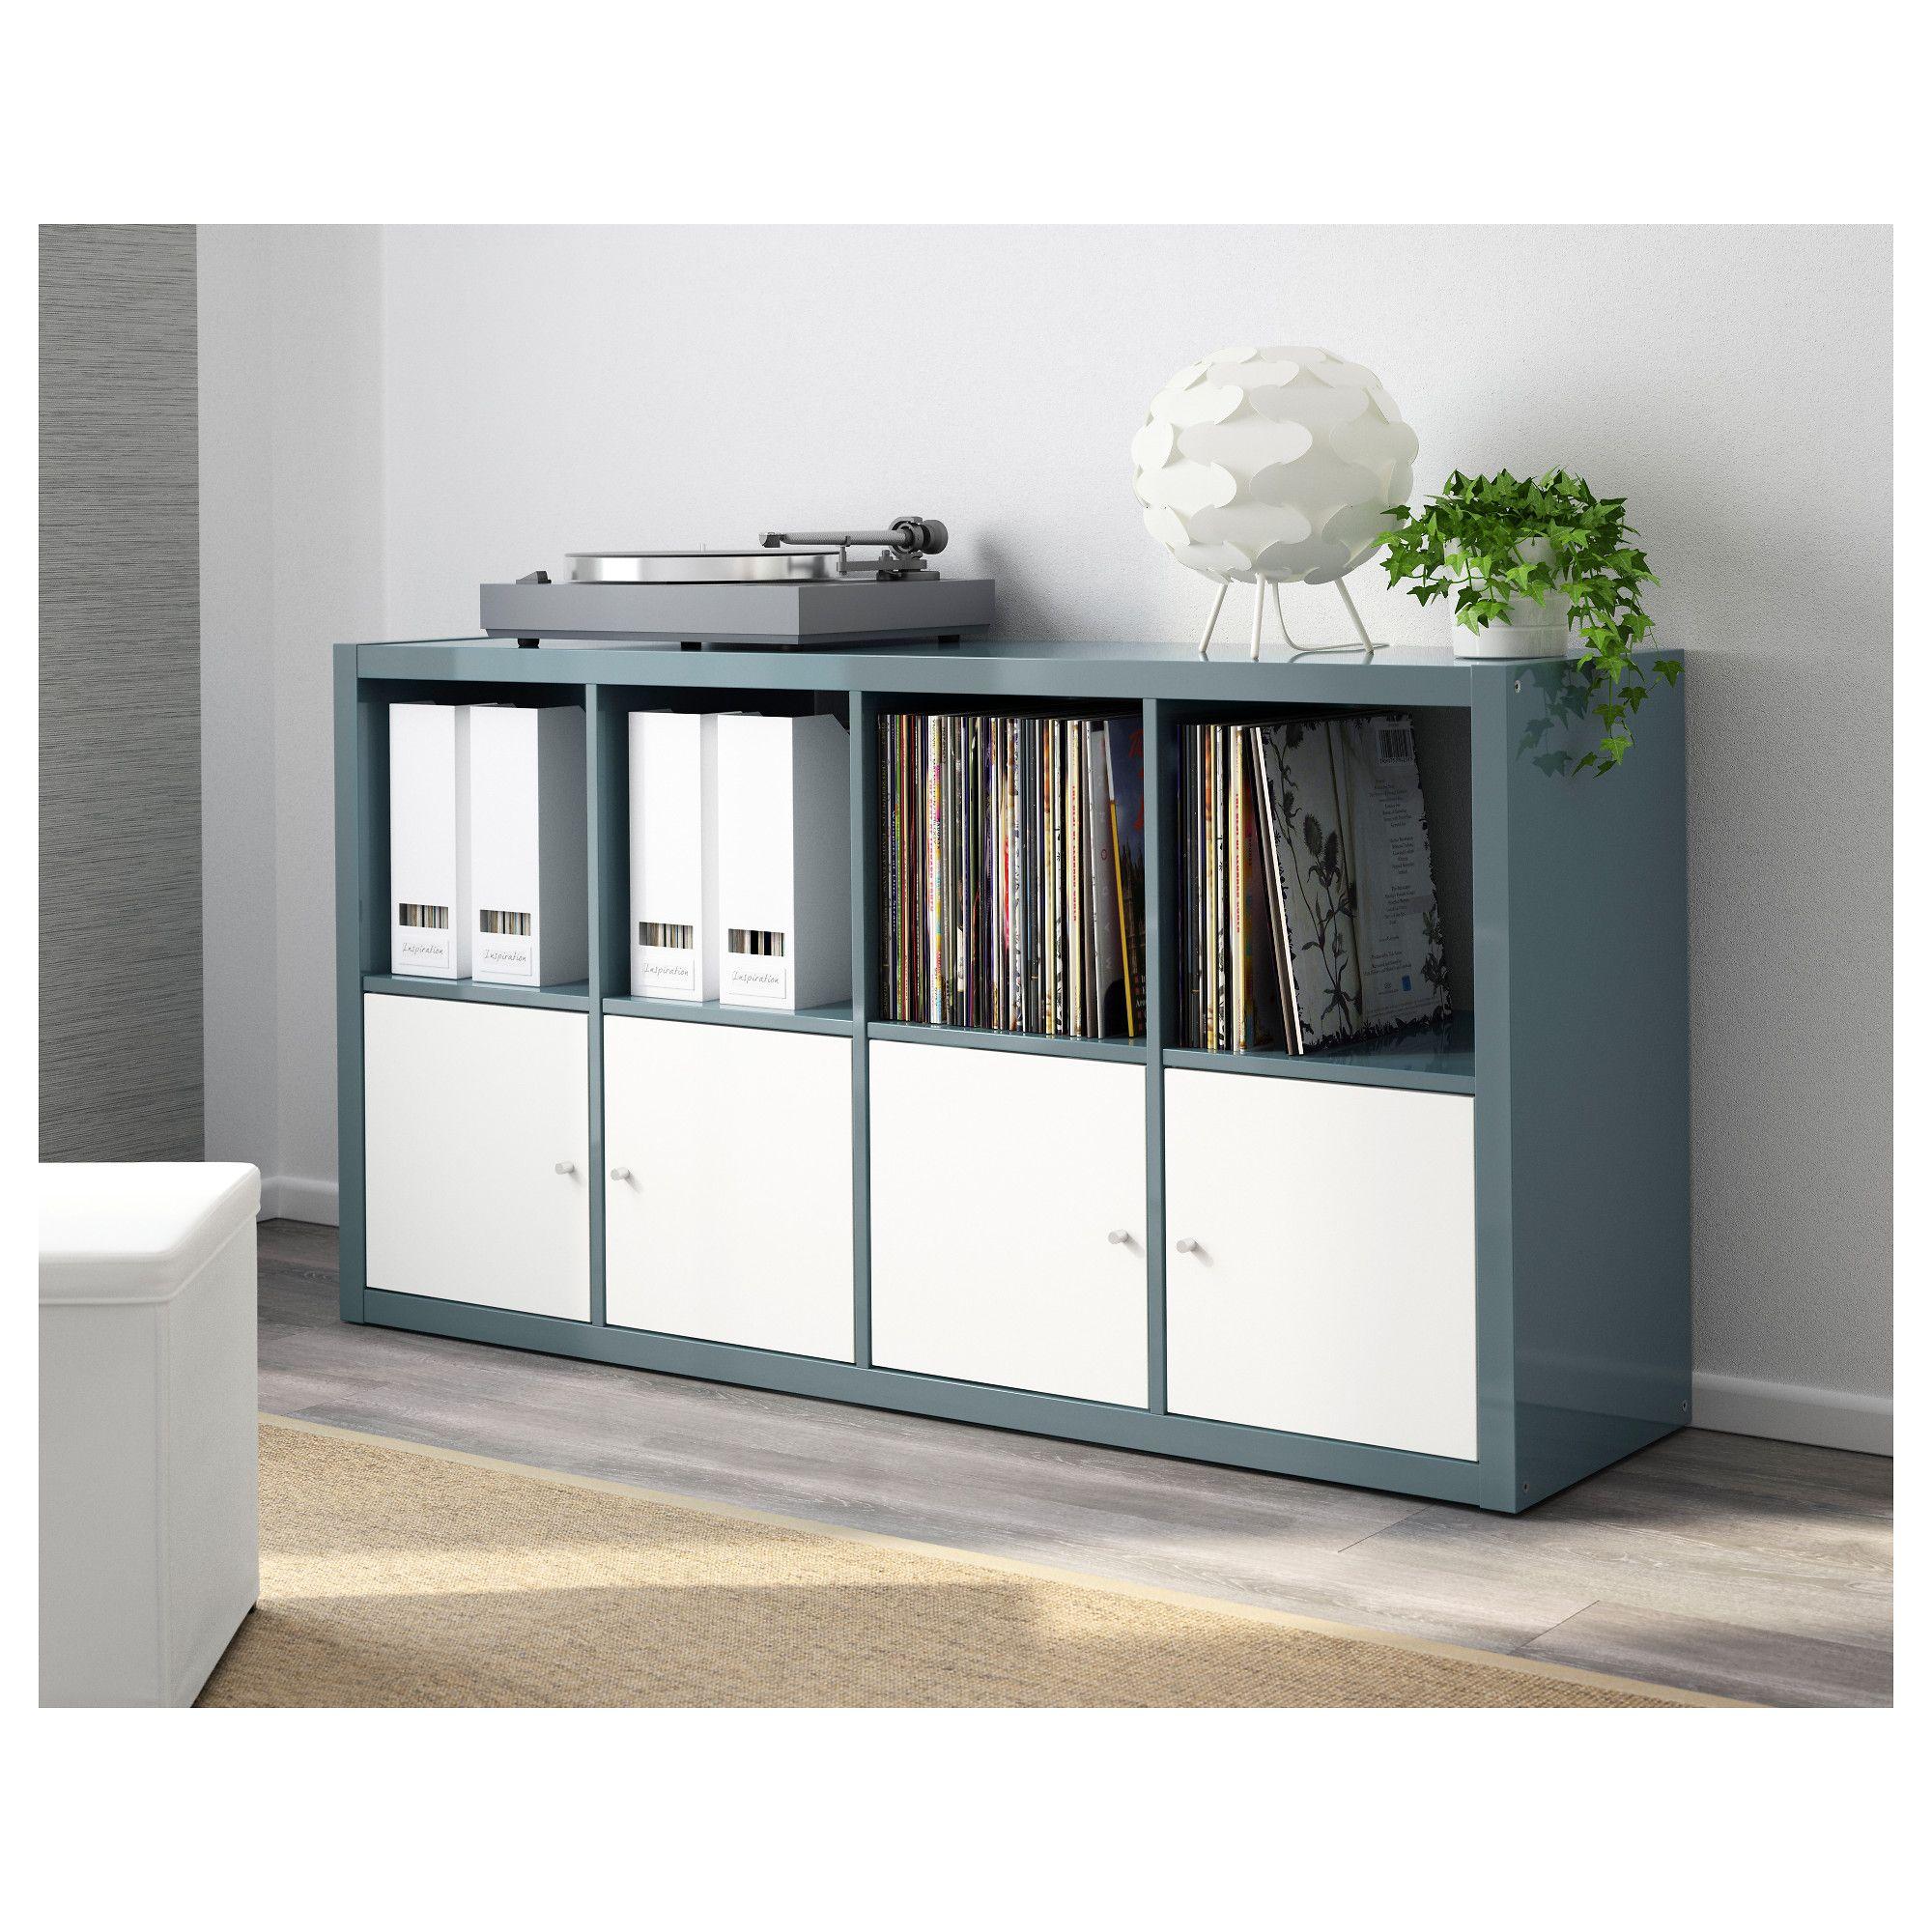 Kallax Shelf Unit Black Brown 30 3 8x57 7 8 Ikea Kallax